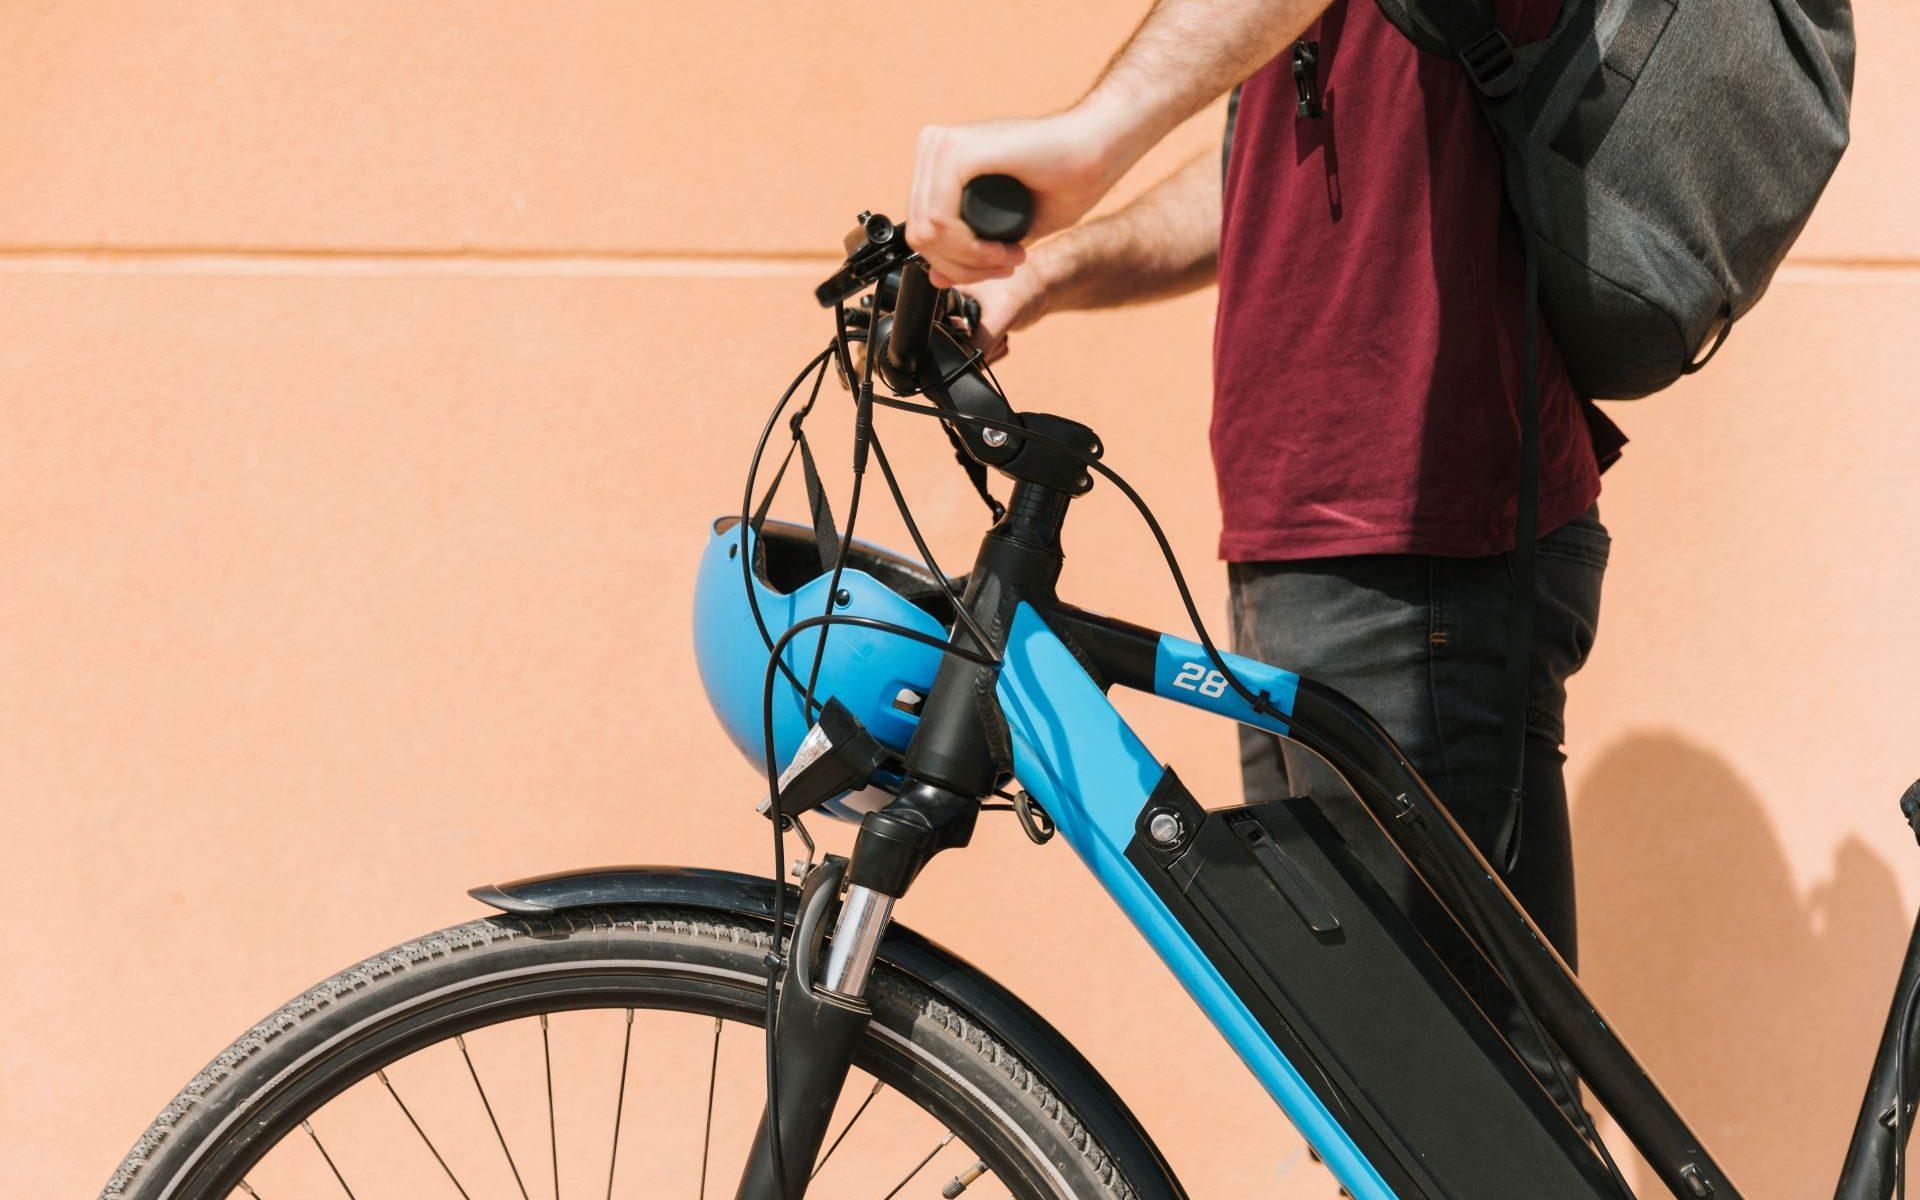 Fahrrad mit eingebautem Rückenwind